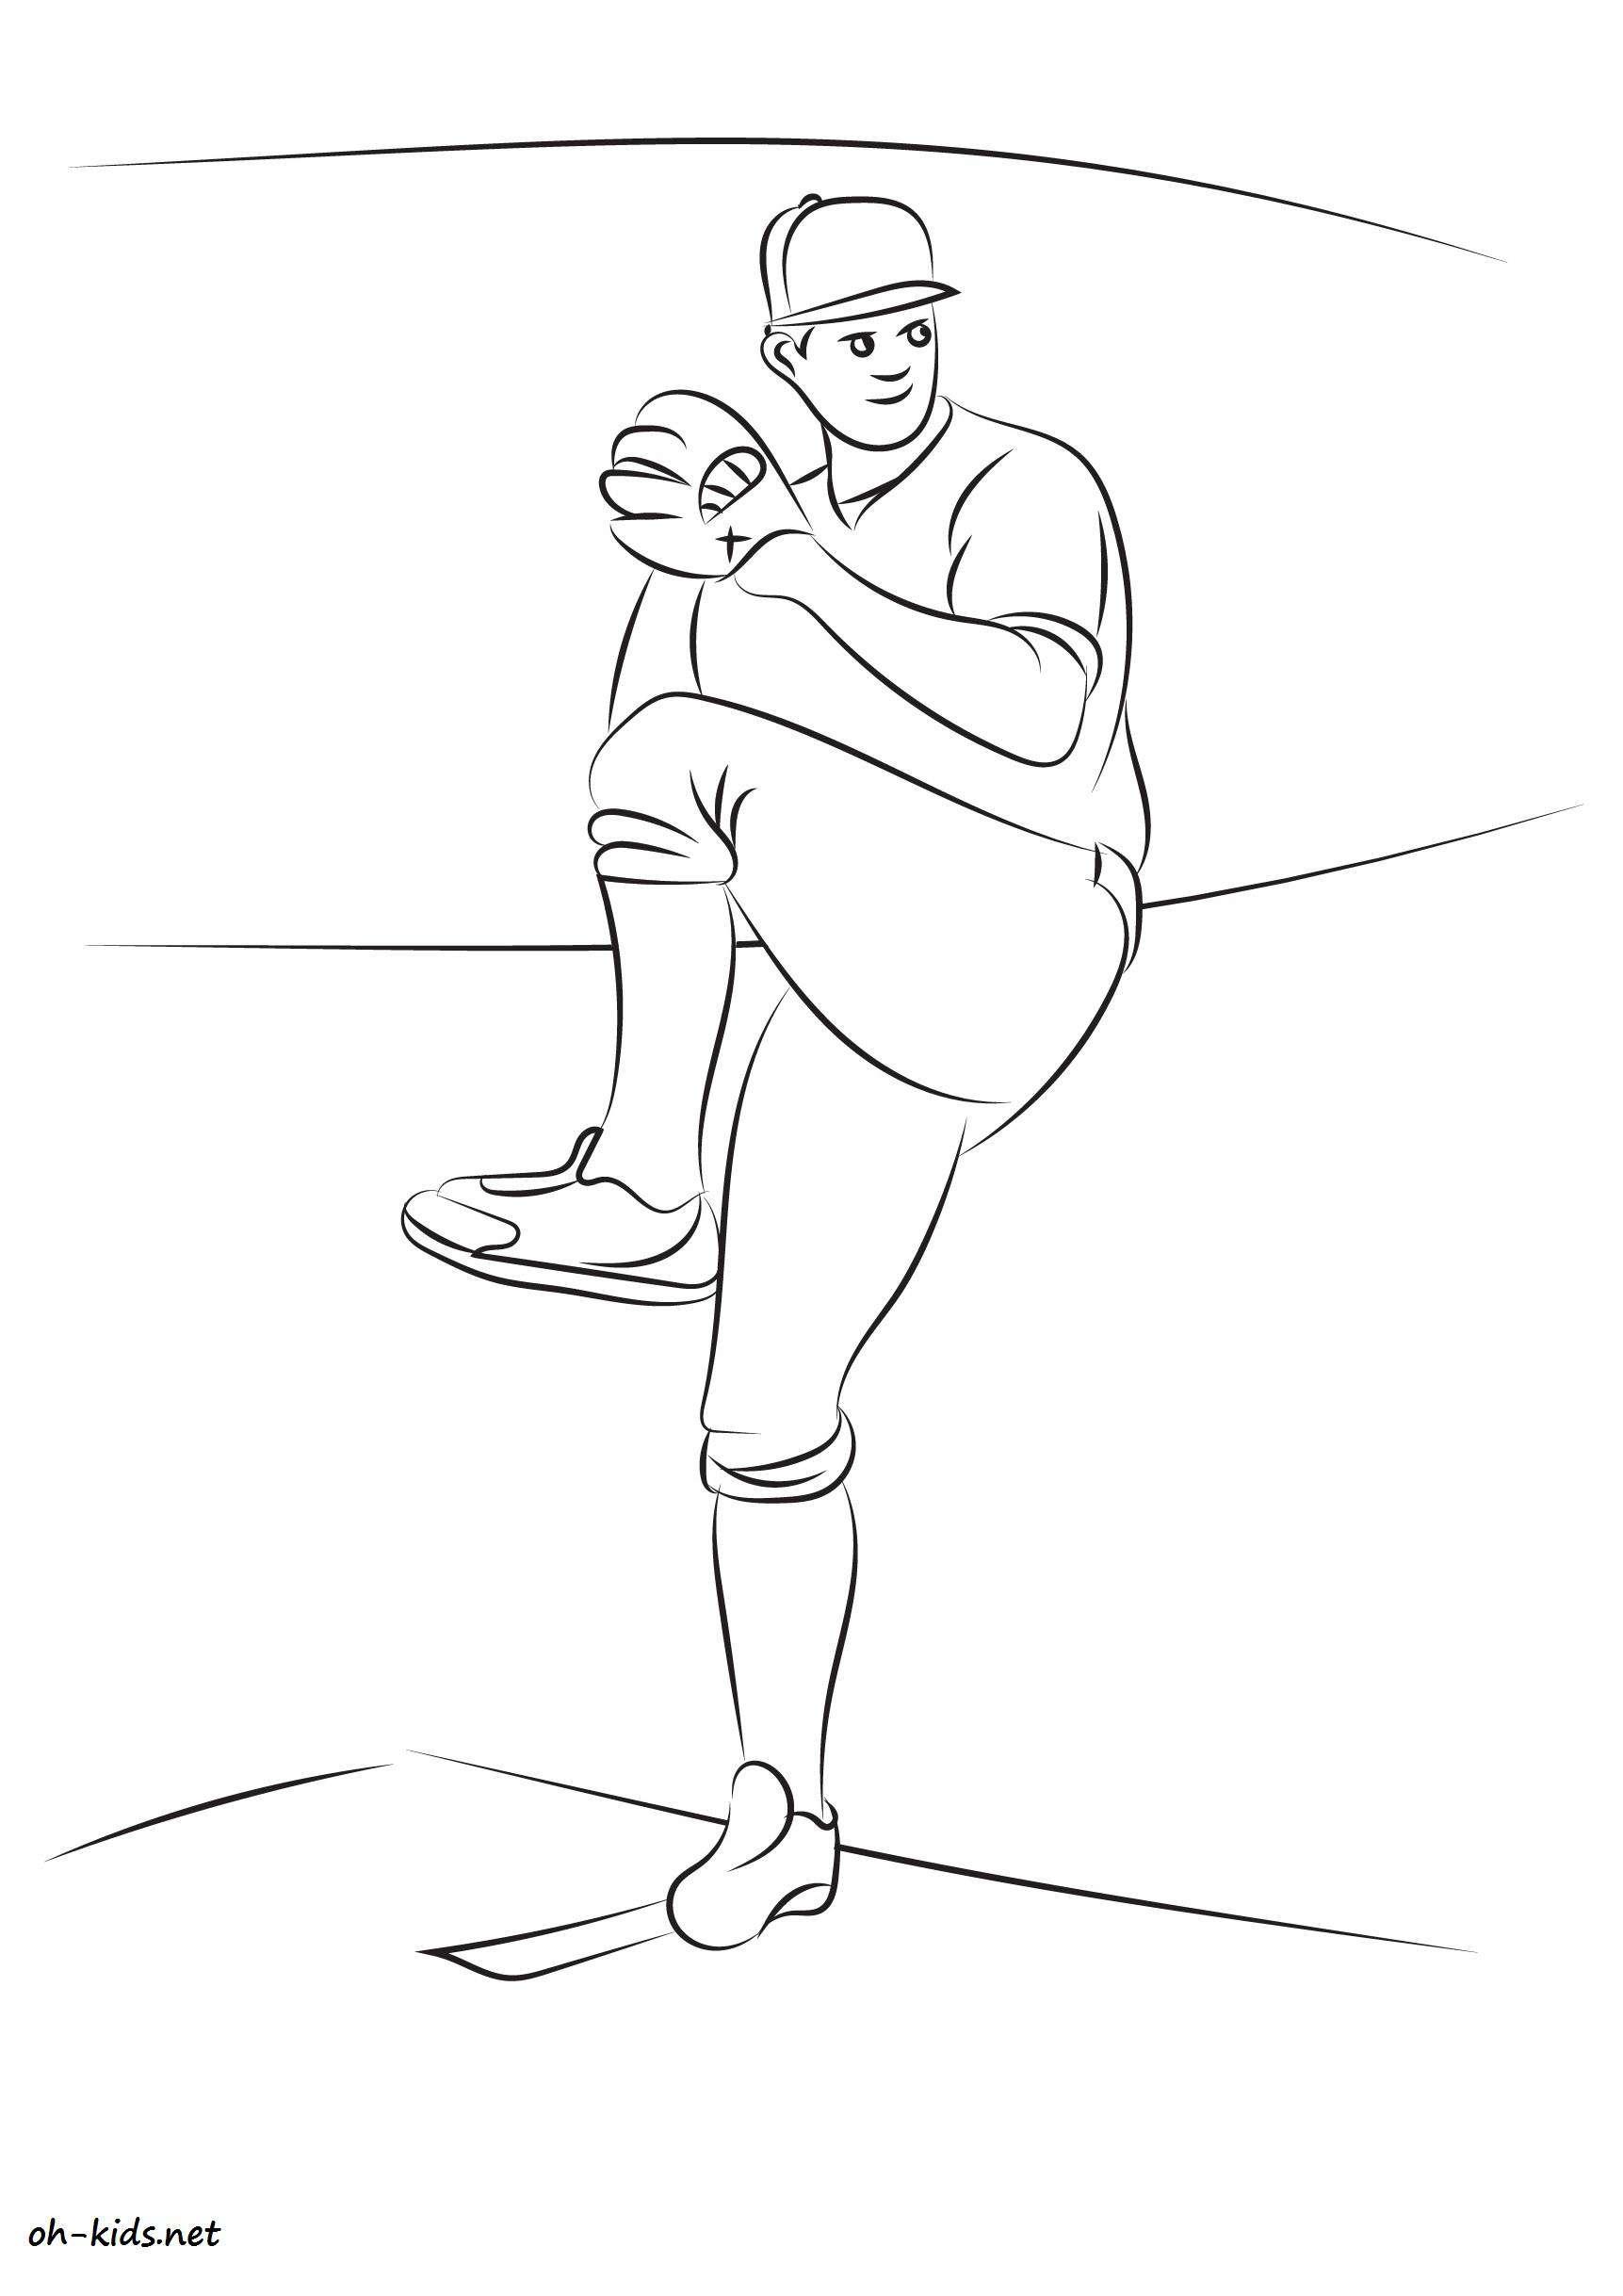 coloriage gratuit de baseball à imprimer - Dessin #796